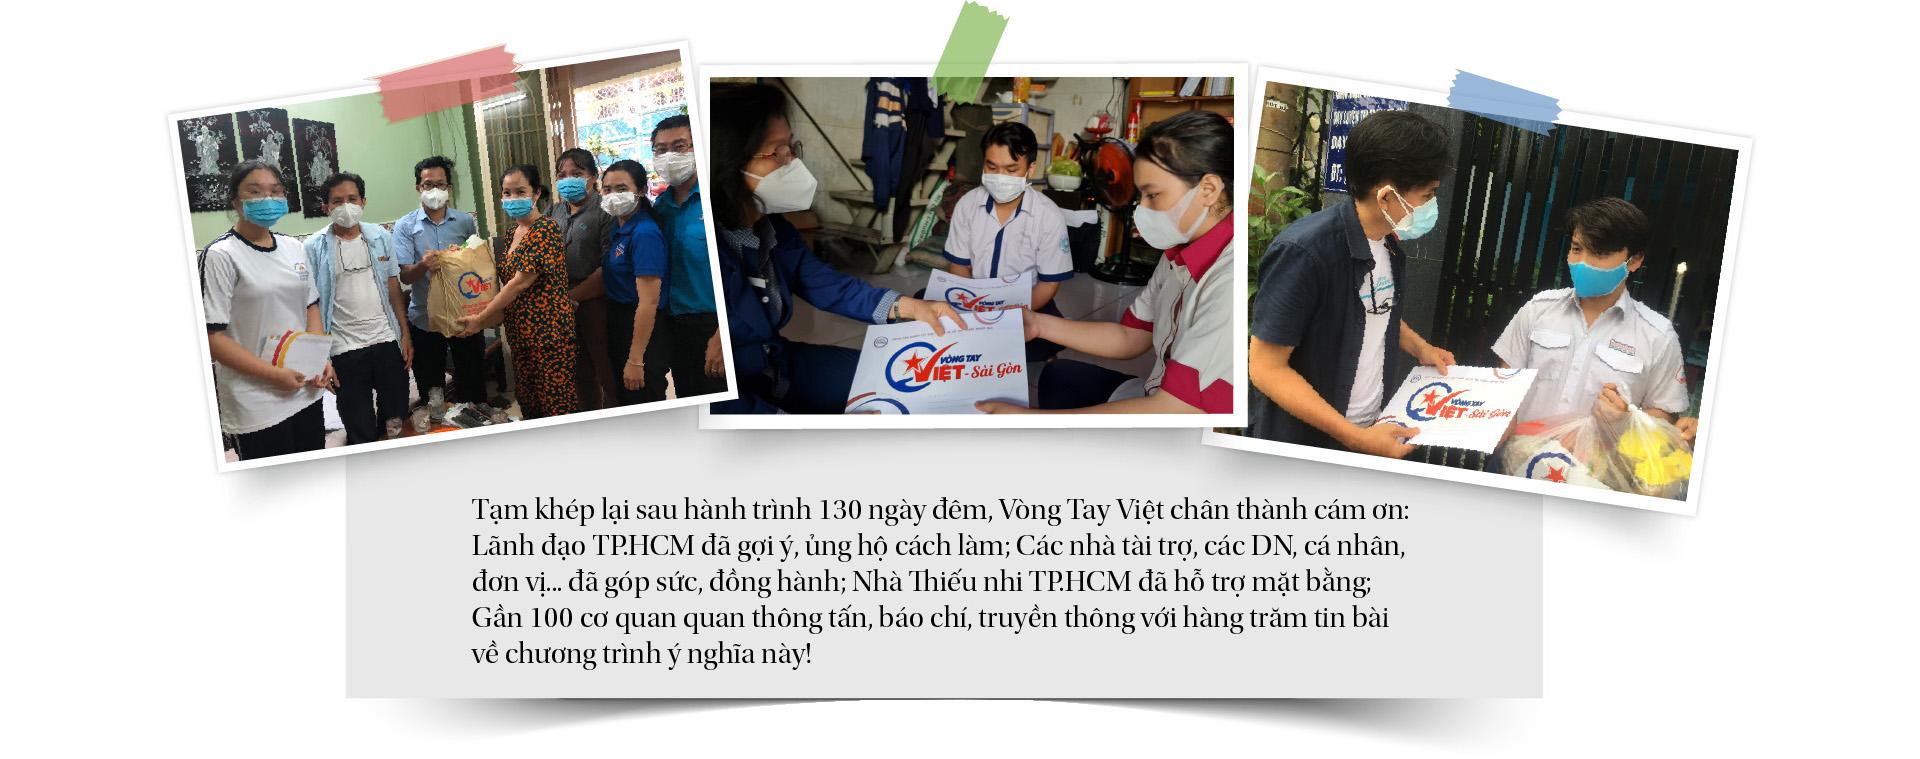 Vòng Tay Việt - Hành trình 130 ngày đêm - Ảnh 17.